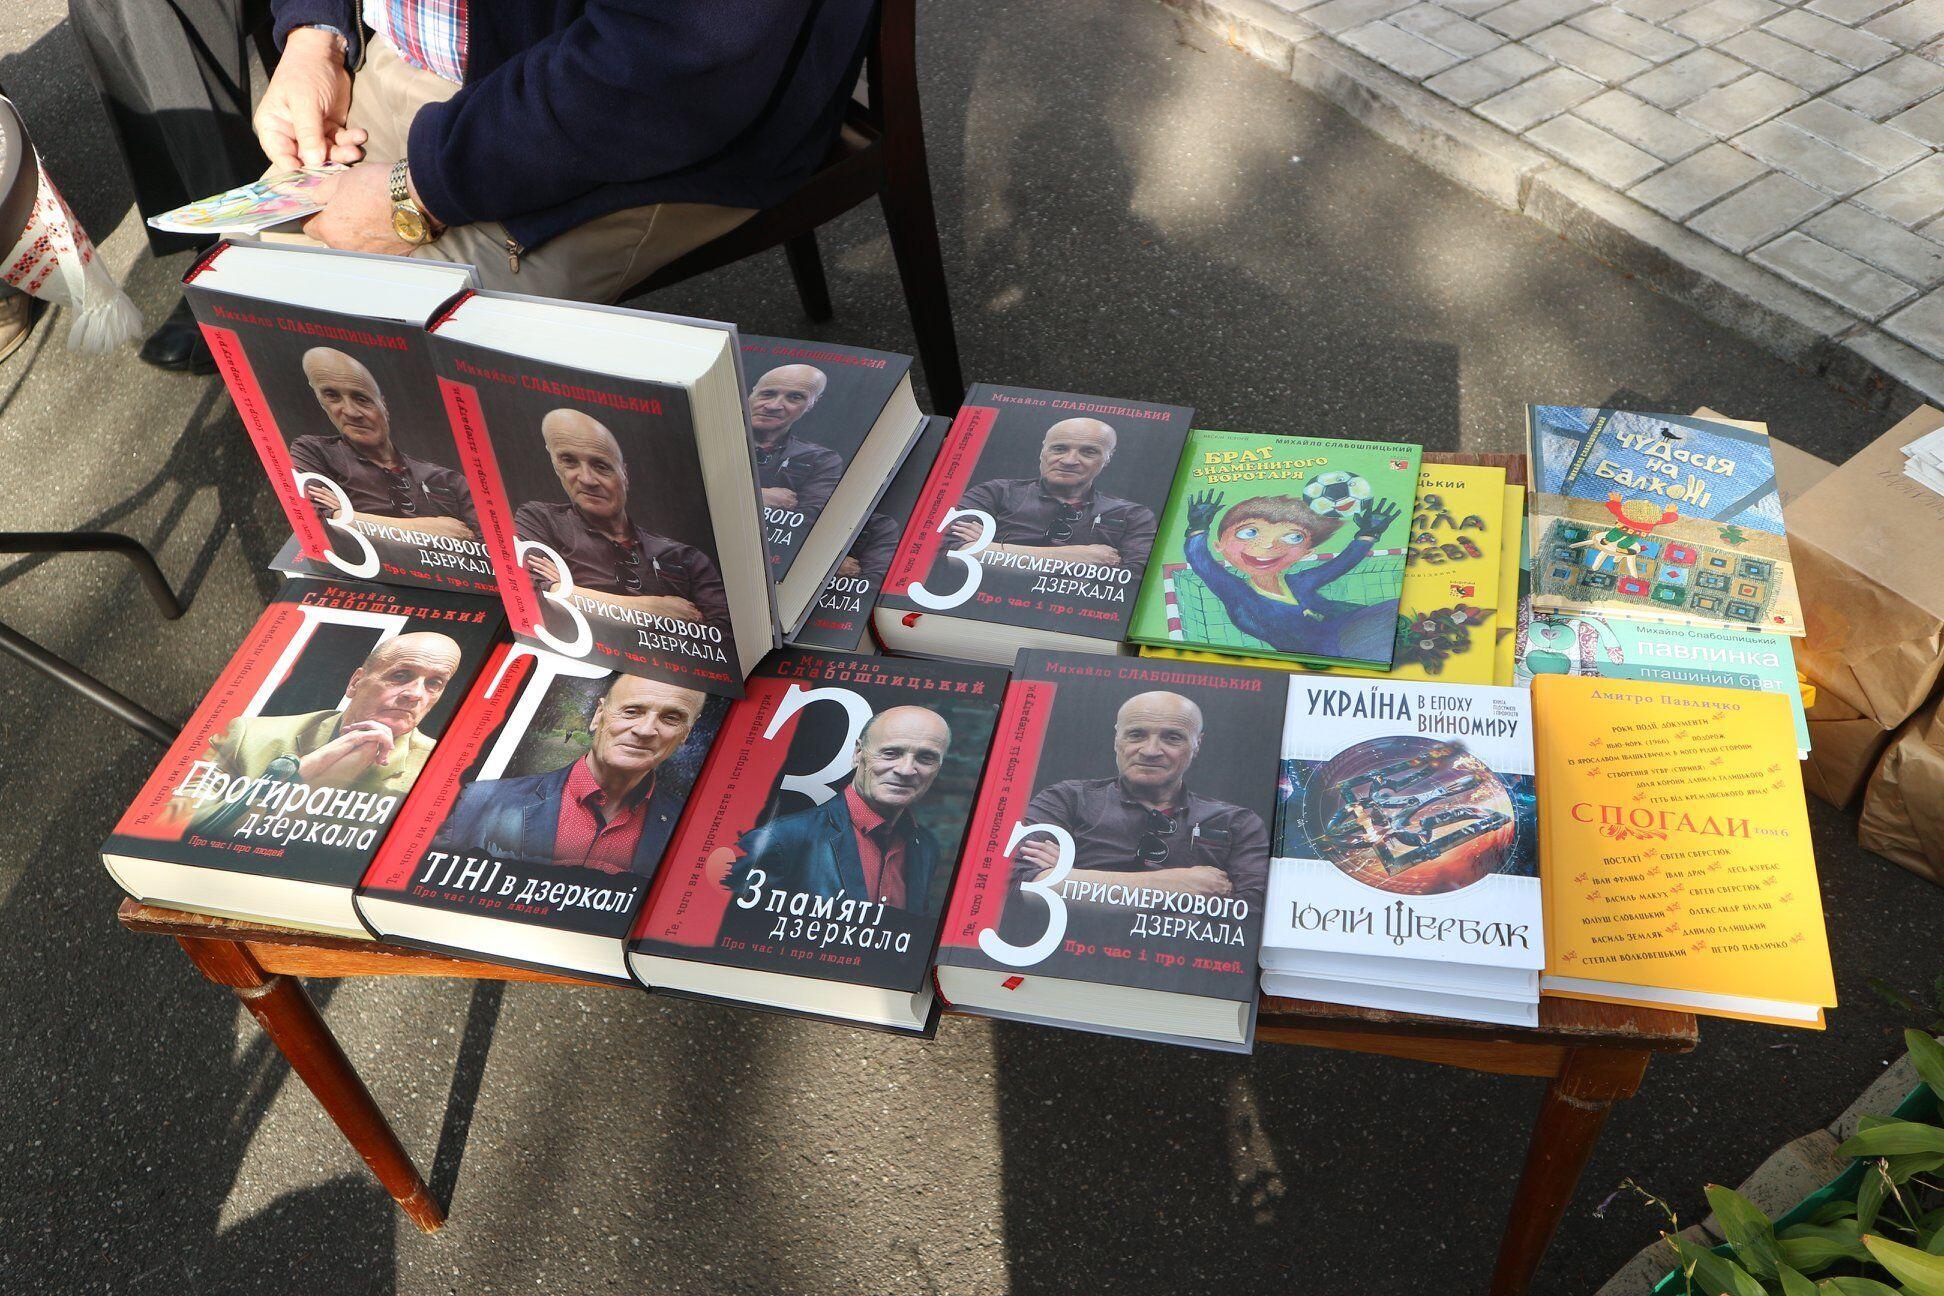 Книги Слабошпицкого